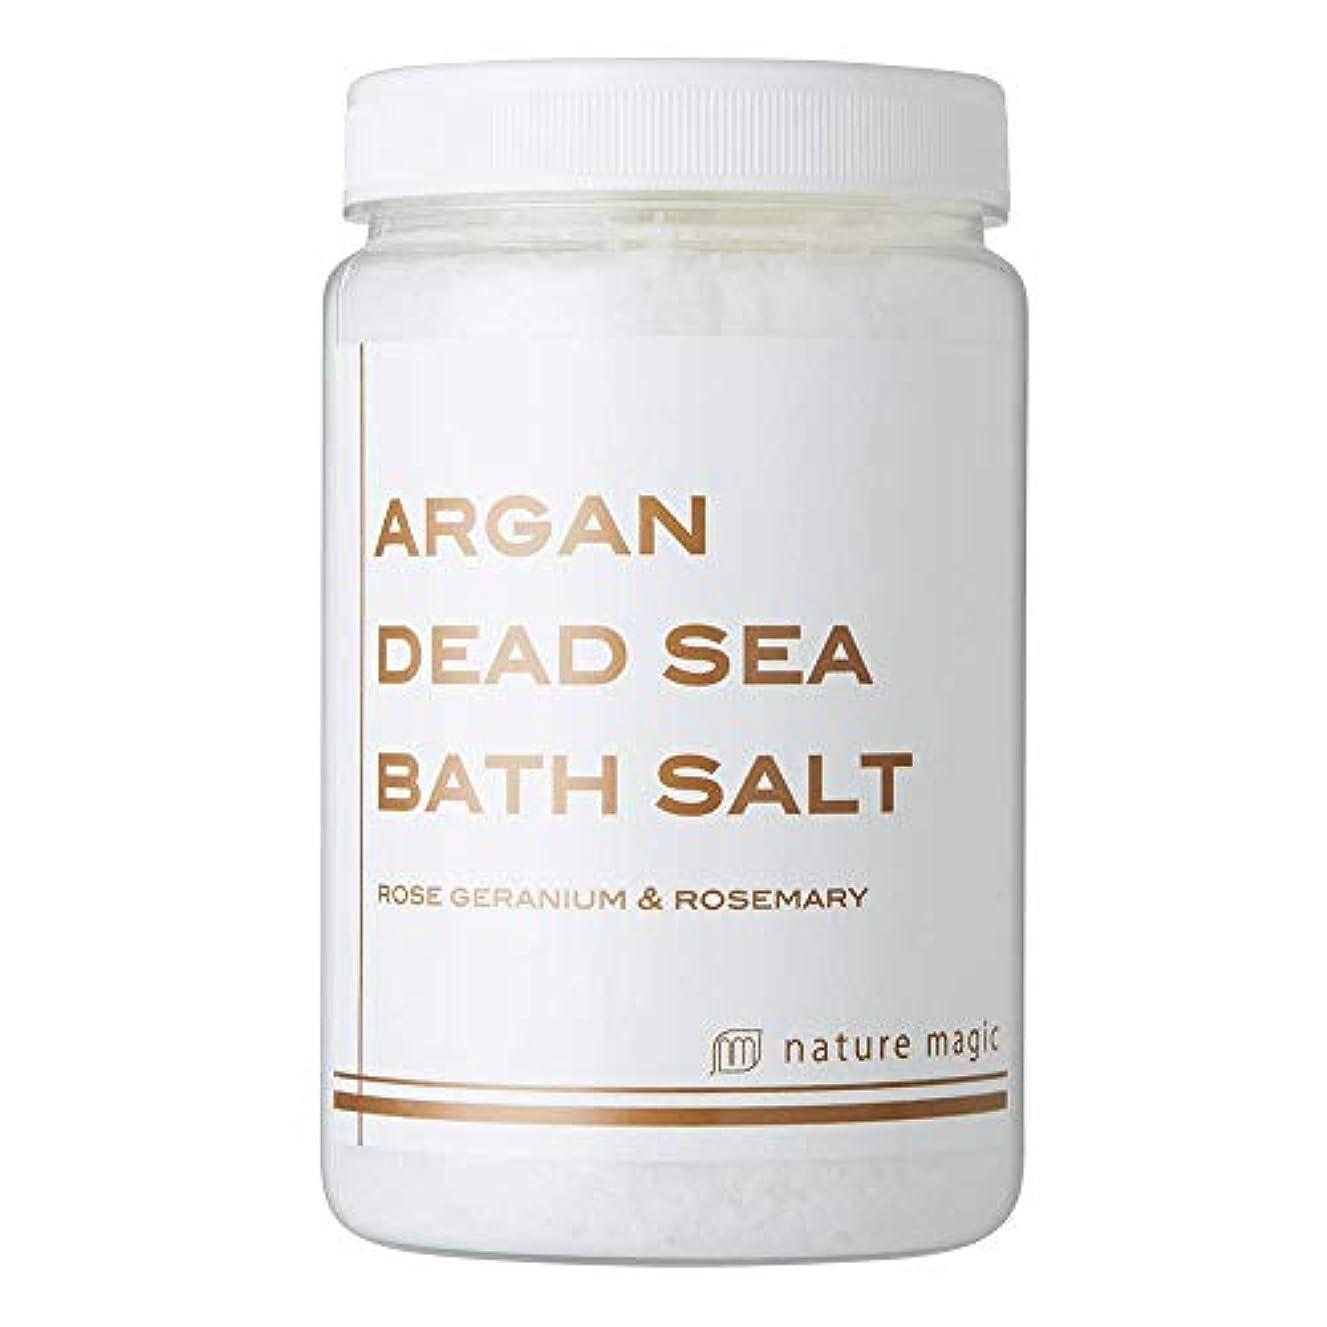 ハシー人気周辺【死海の天然塩にアルガンオイルを配合した全身ポカポカ、お肌つるつる入浴剤】アルガンデッドシーバスソルト